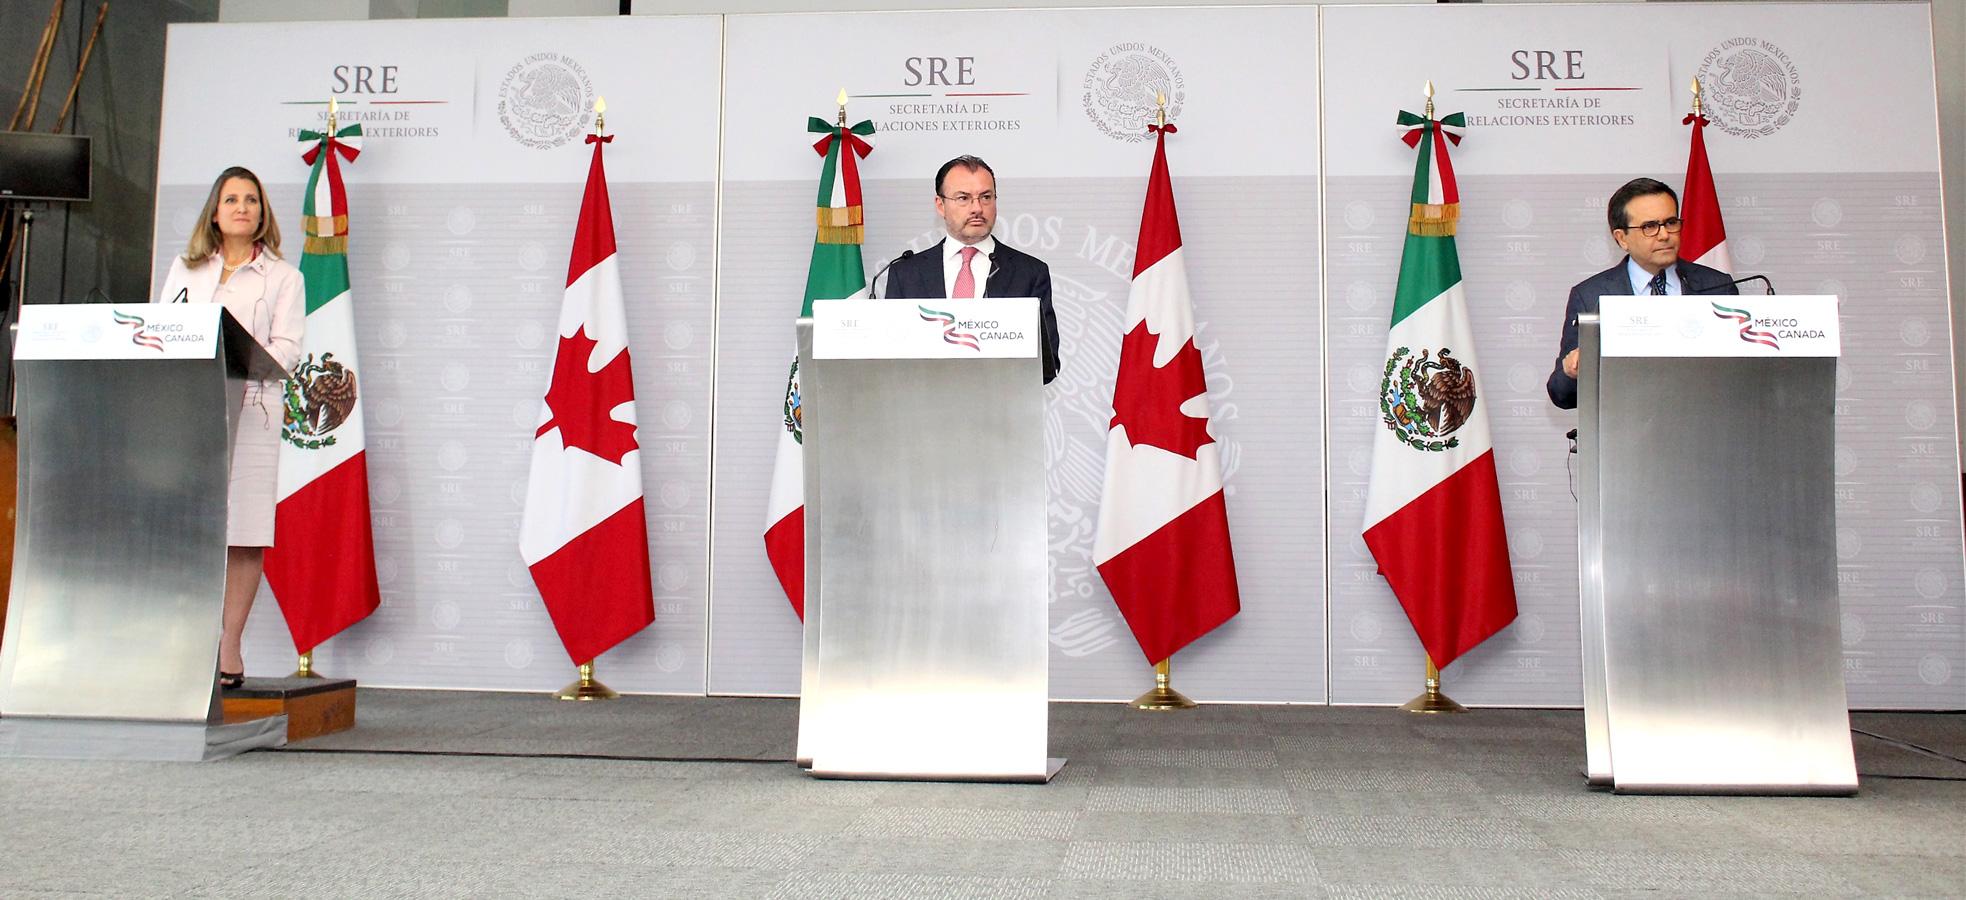 Mensaje a Medios del Secretario Ildefonso Guajardo, el Canciller Luis Videgaray y la Ministra Chrystia Freeland